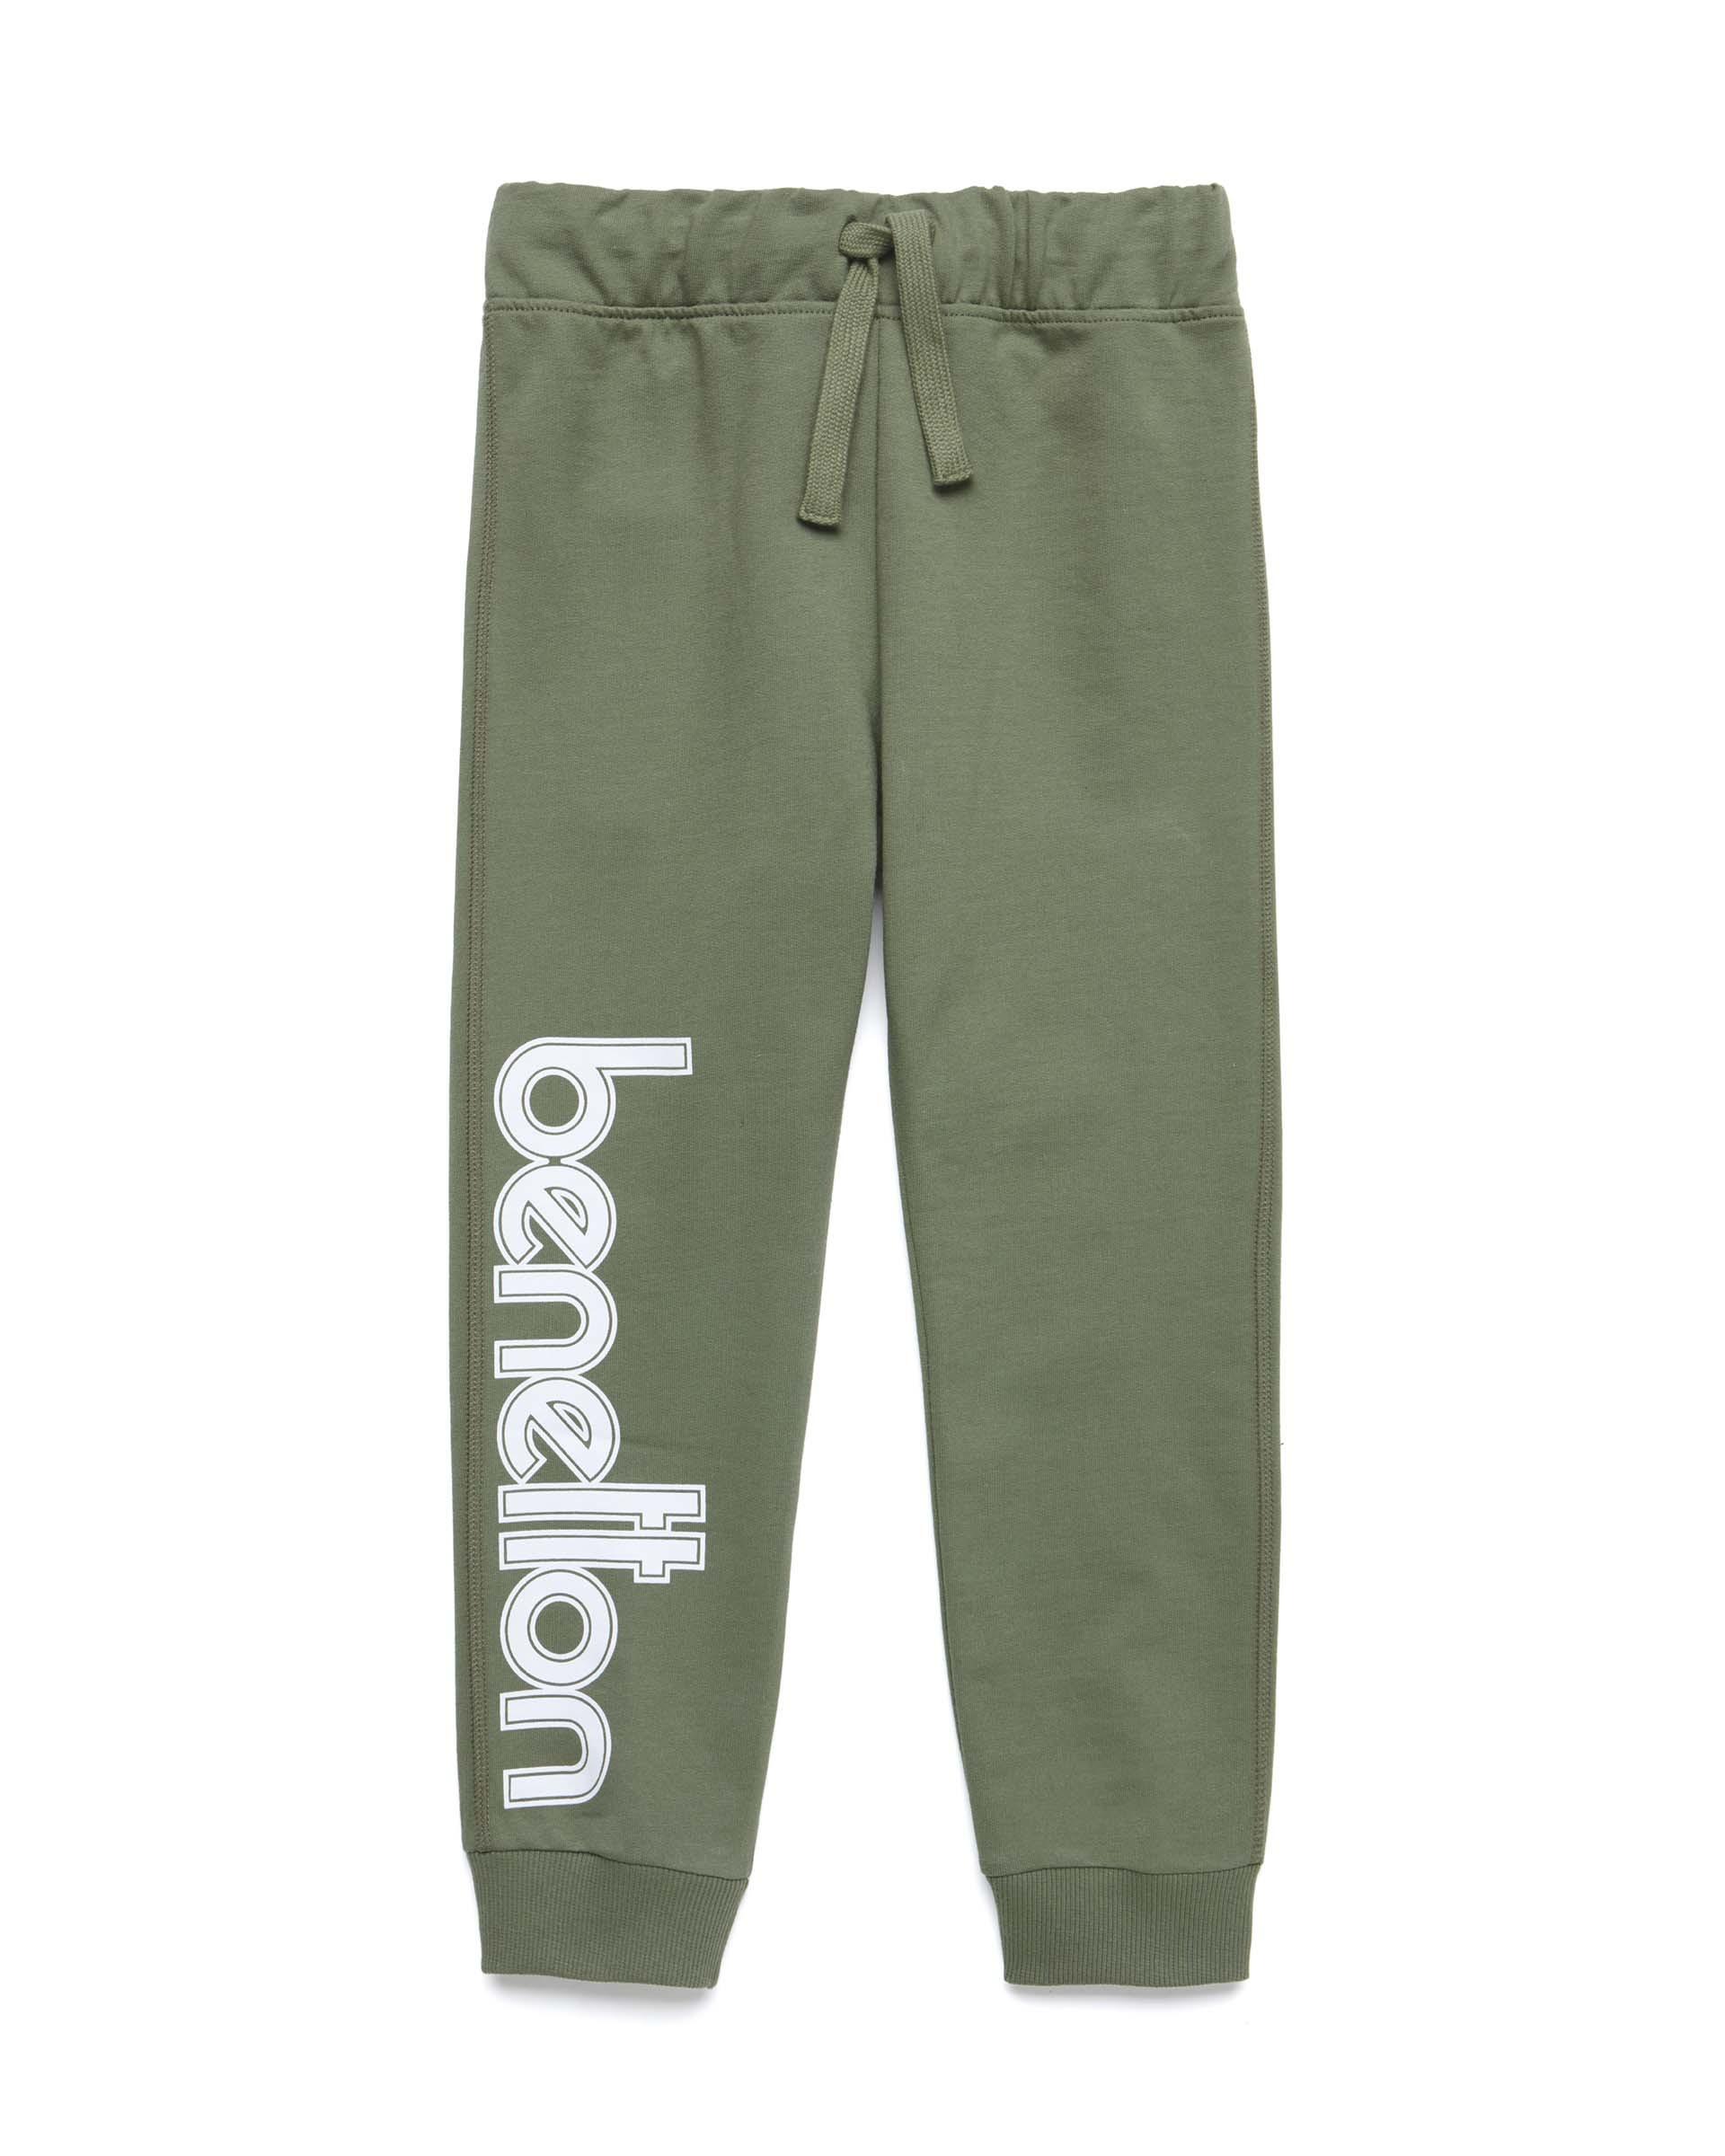 Купить 20P_3BC1I0986_07N, Спортивные брюки для мальчиков Benetton 3BC1I0986_07N р-р 80, United Colors of Benetton, Шорты и брюки для новорожденных